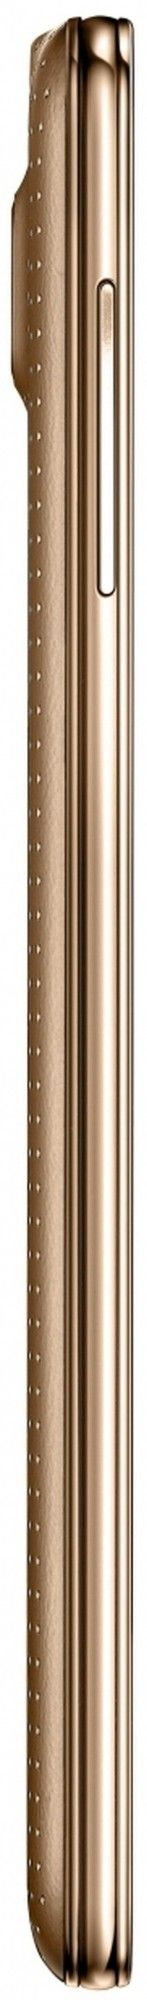 Мобильный телефон Samsung G900H Galaxy S5 (SM-G900HZDASEK) Copper Gold - 3